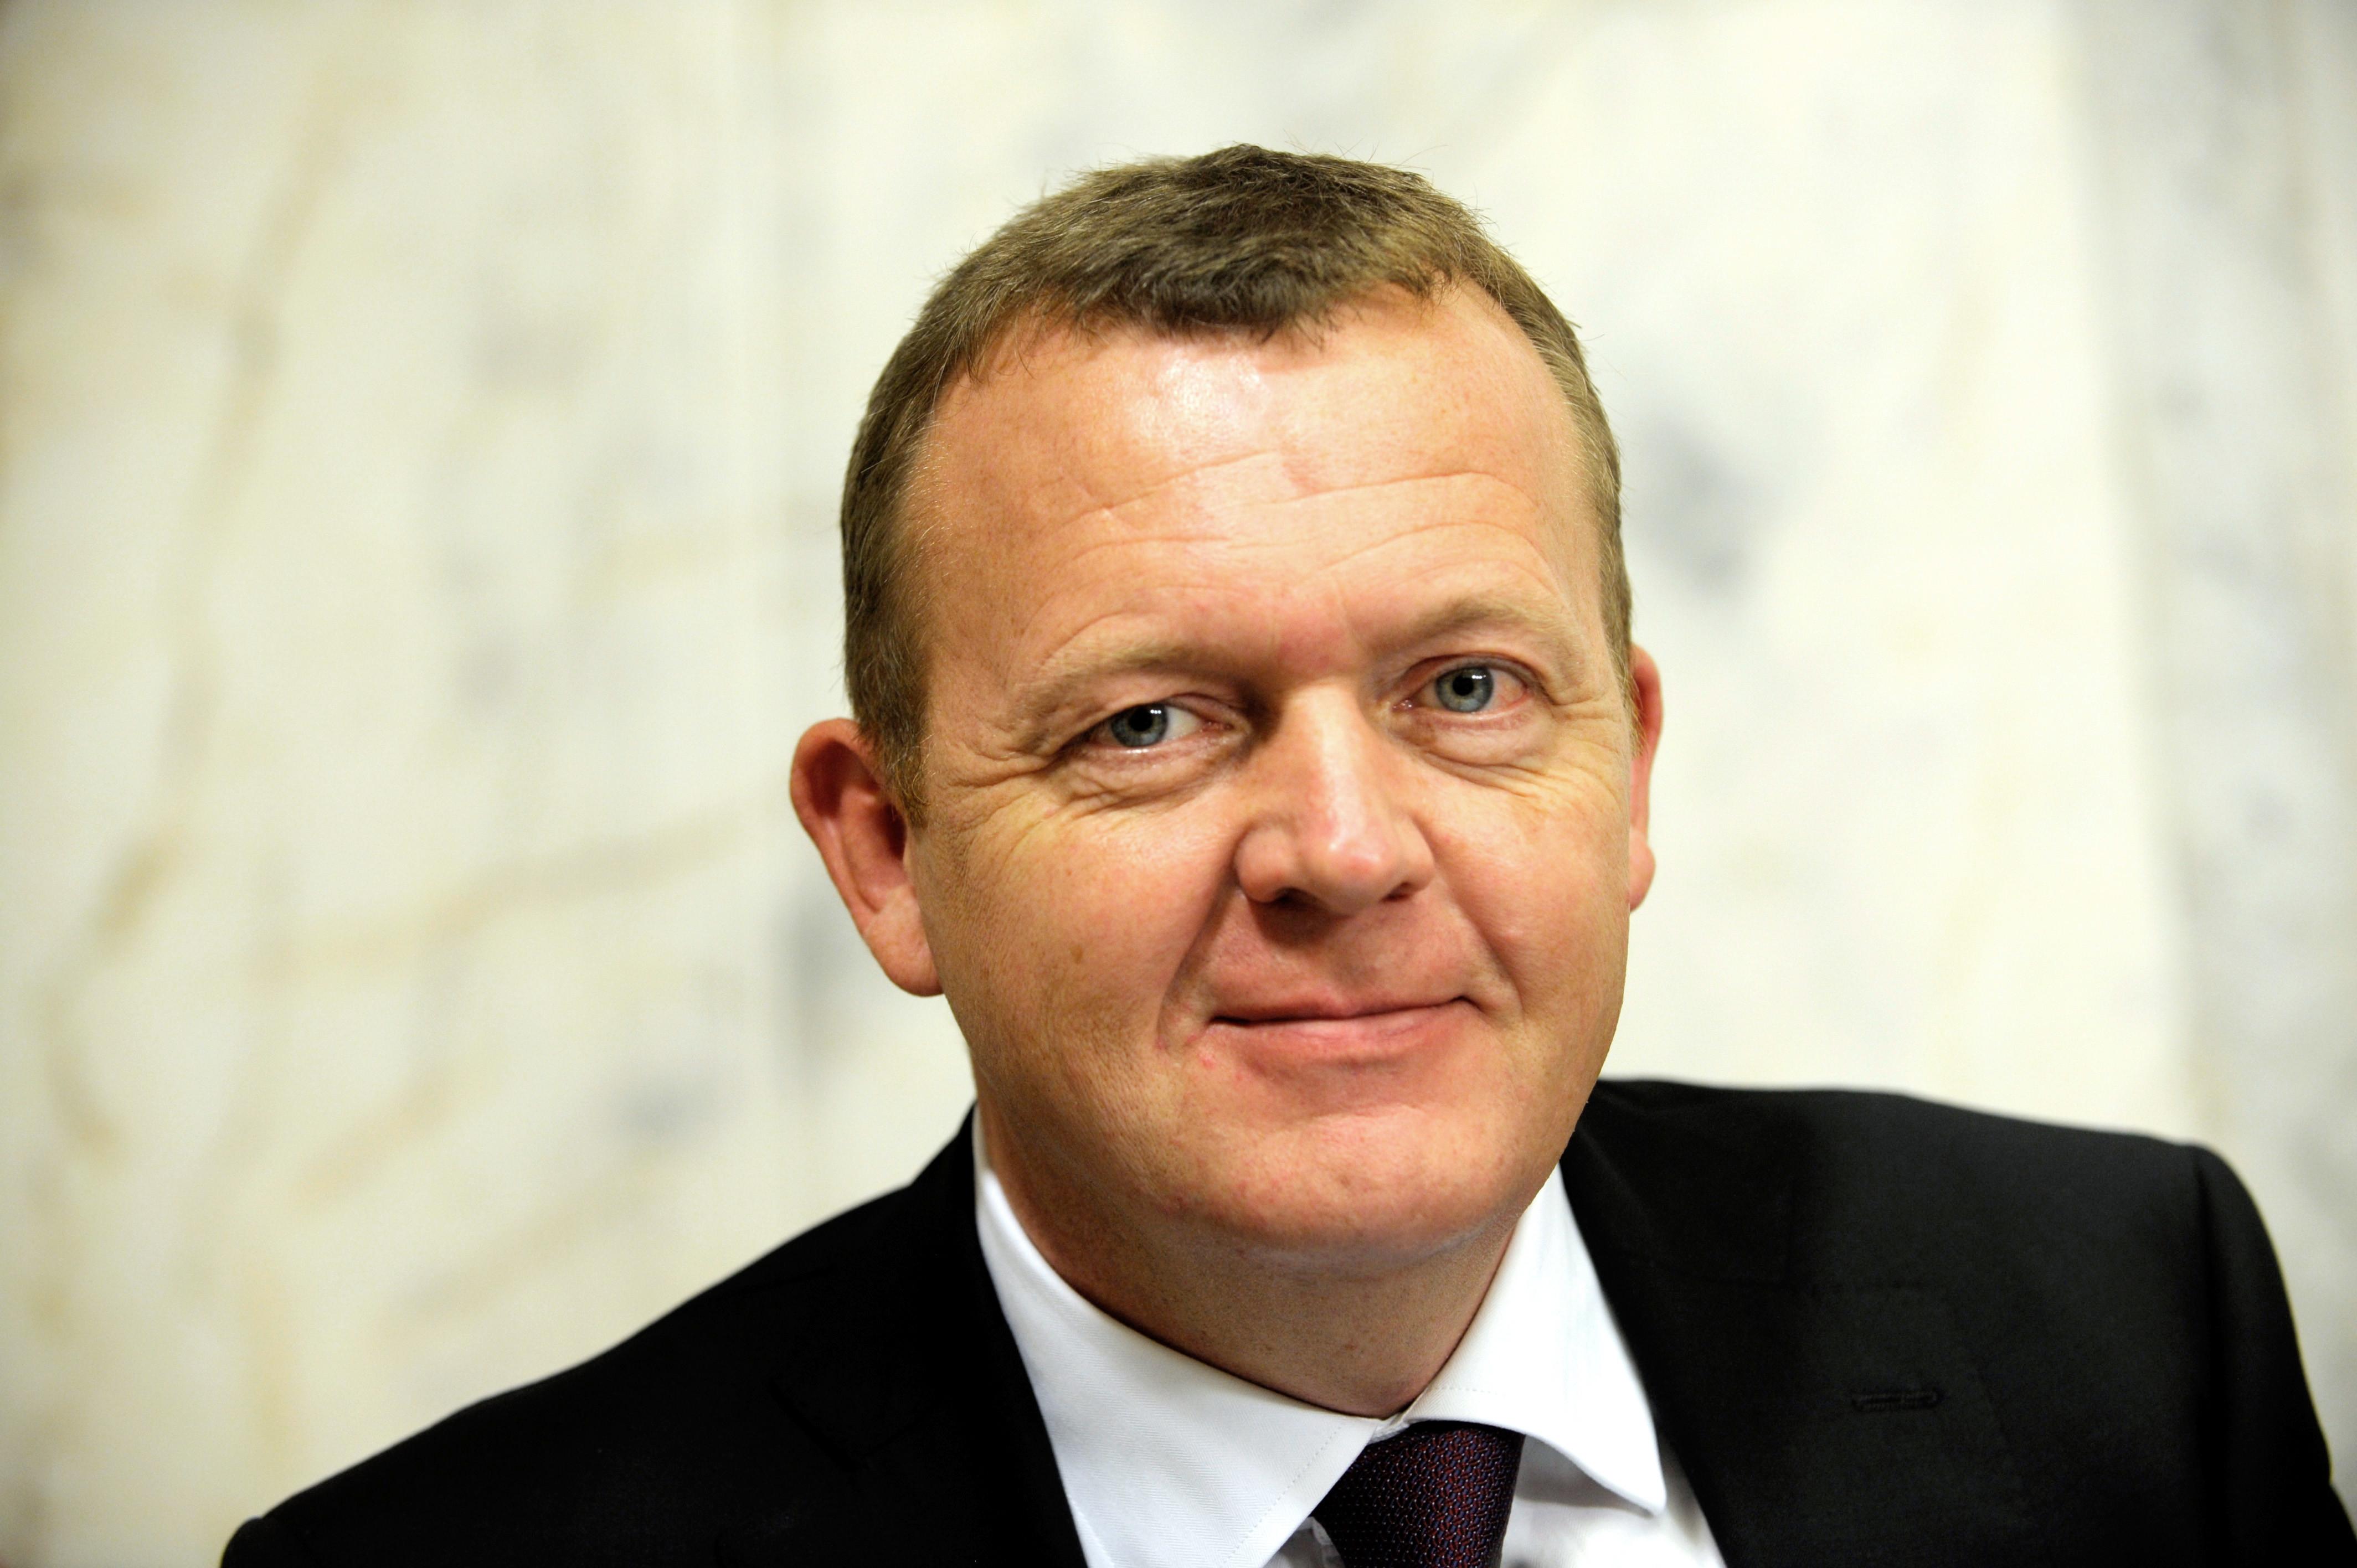 SON DAKIKA: Danimarka Başbakanı'ndan Yıldırım'a: 'Ziyaretini Ertele'